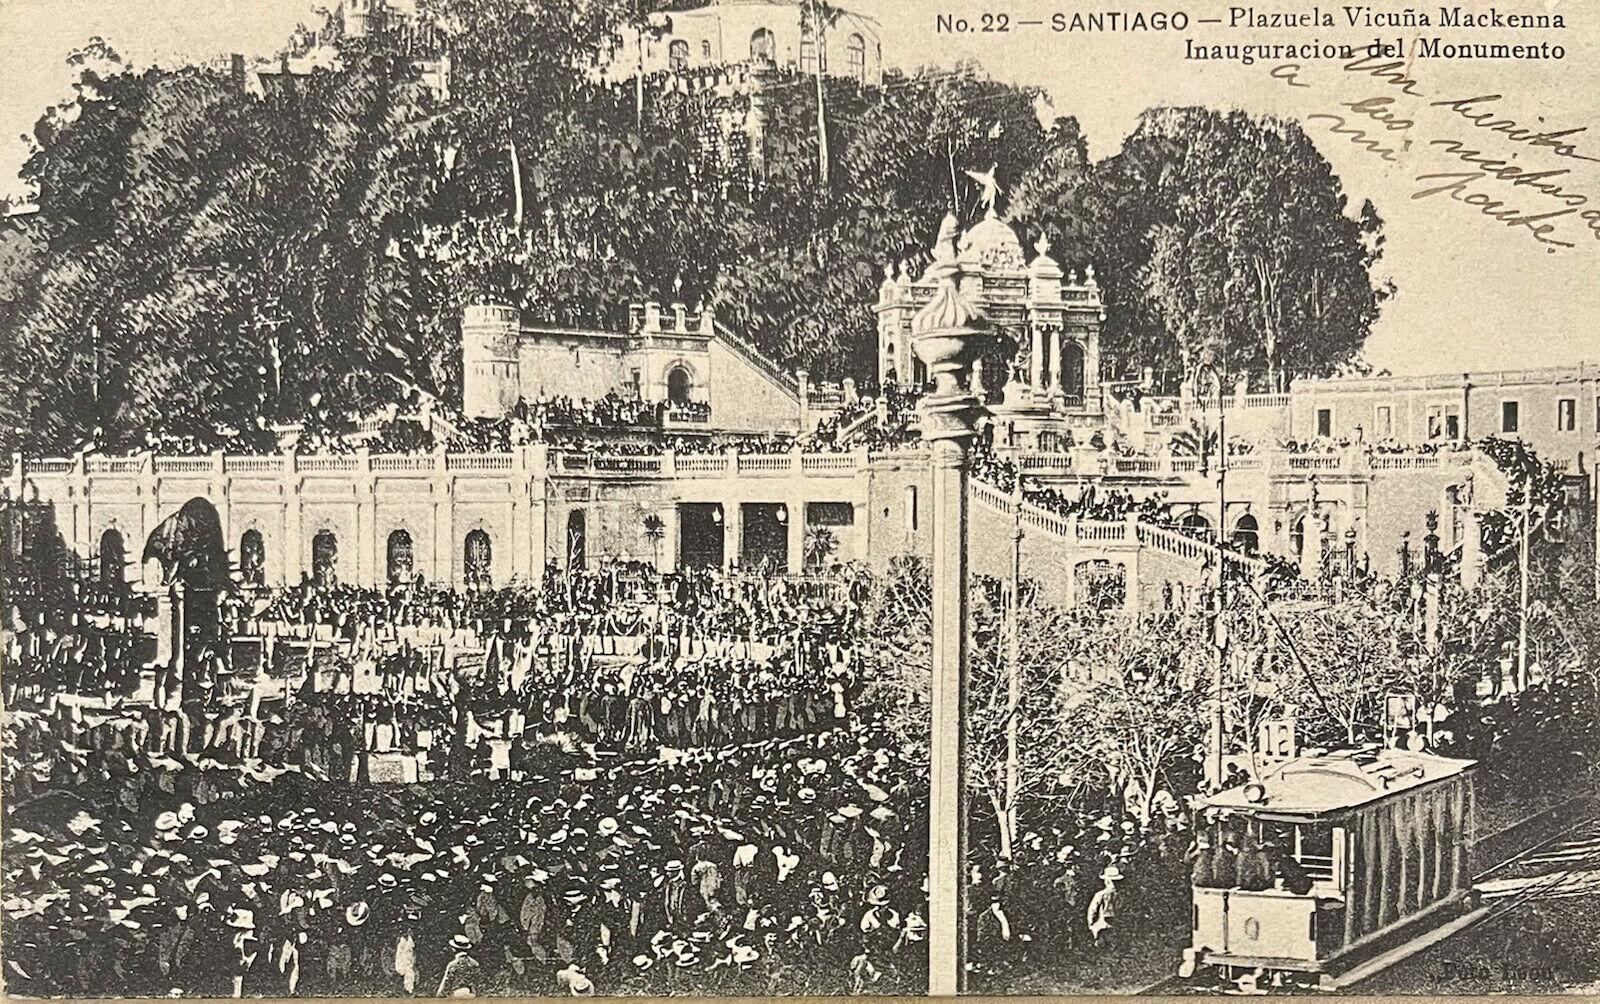 Enterreno - Fotos históricas de chile - fotos antiguas de Chile - Cerro Santa Lucía en 1902